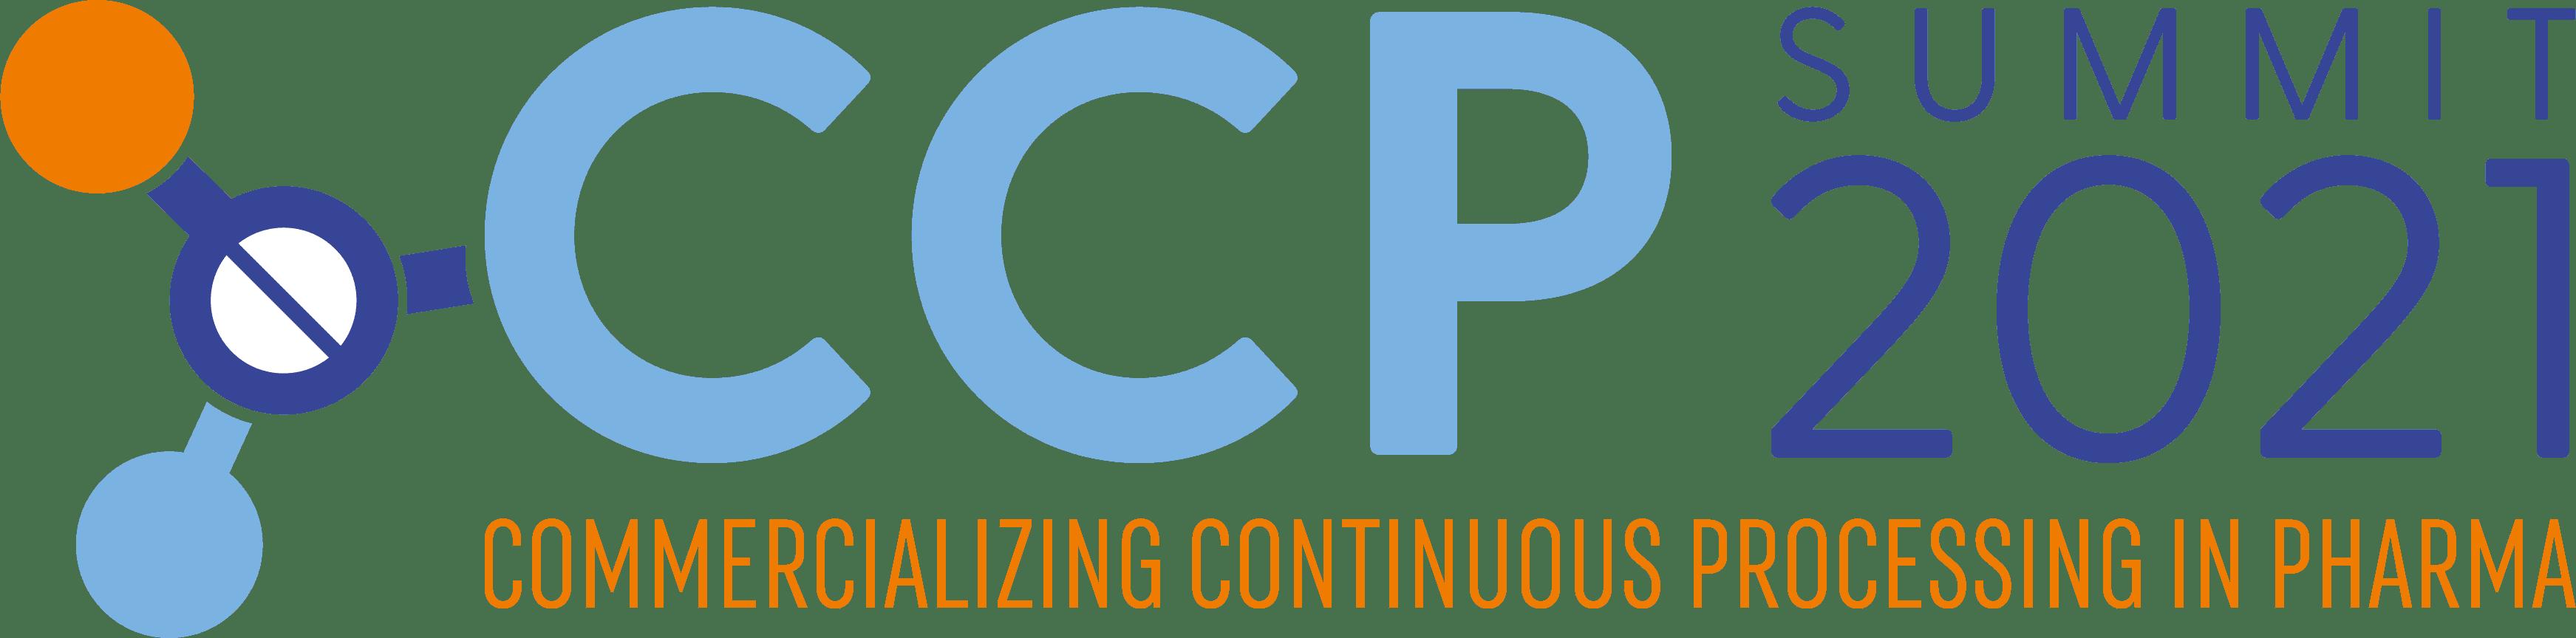 HW200120 CCP 2021 logo